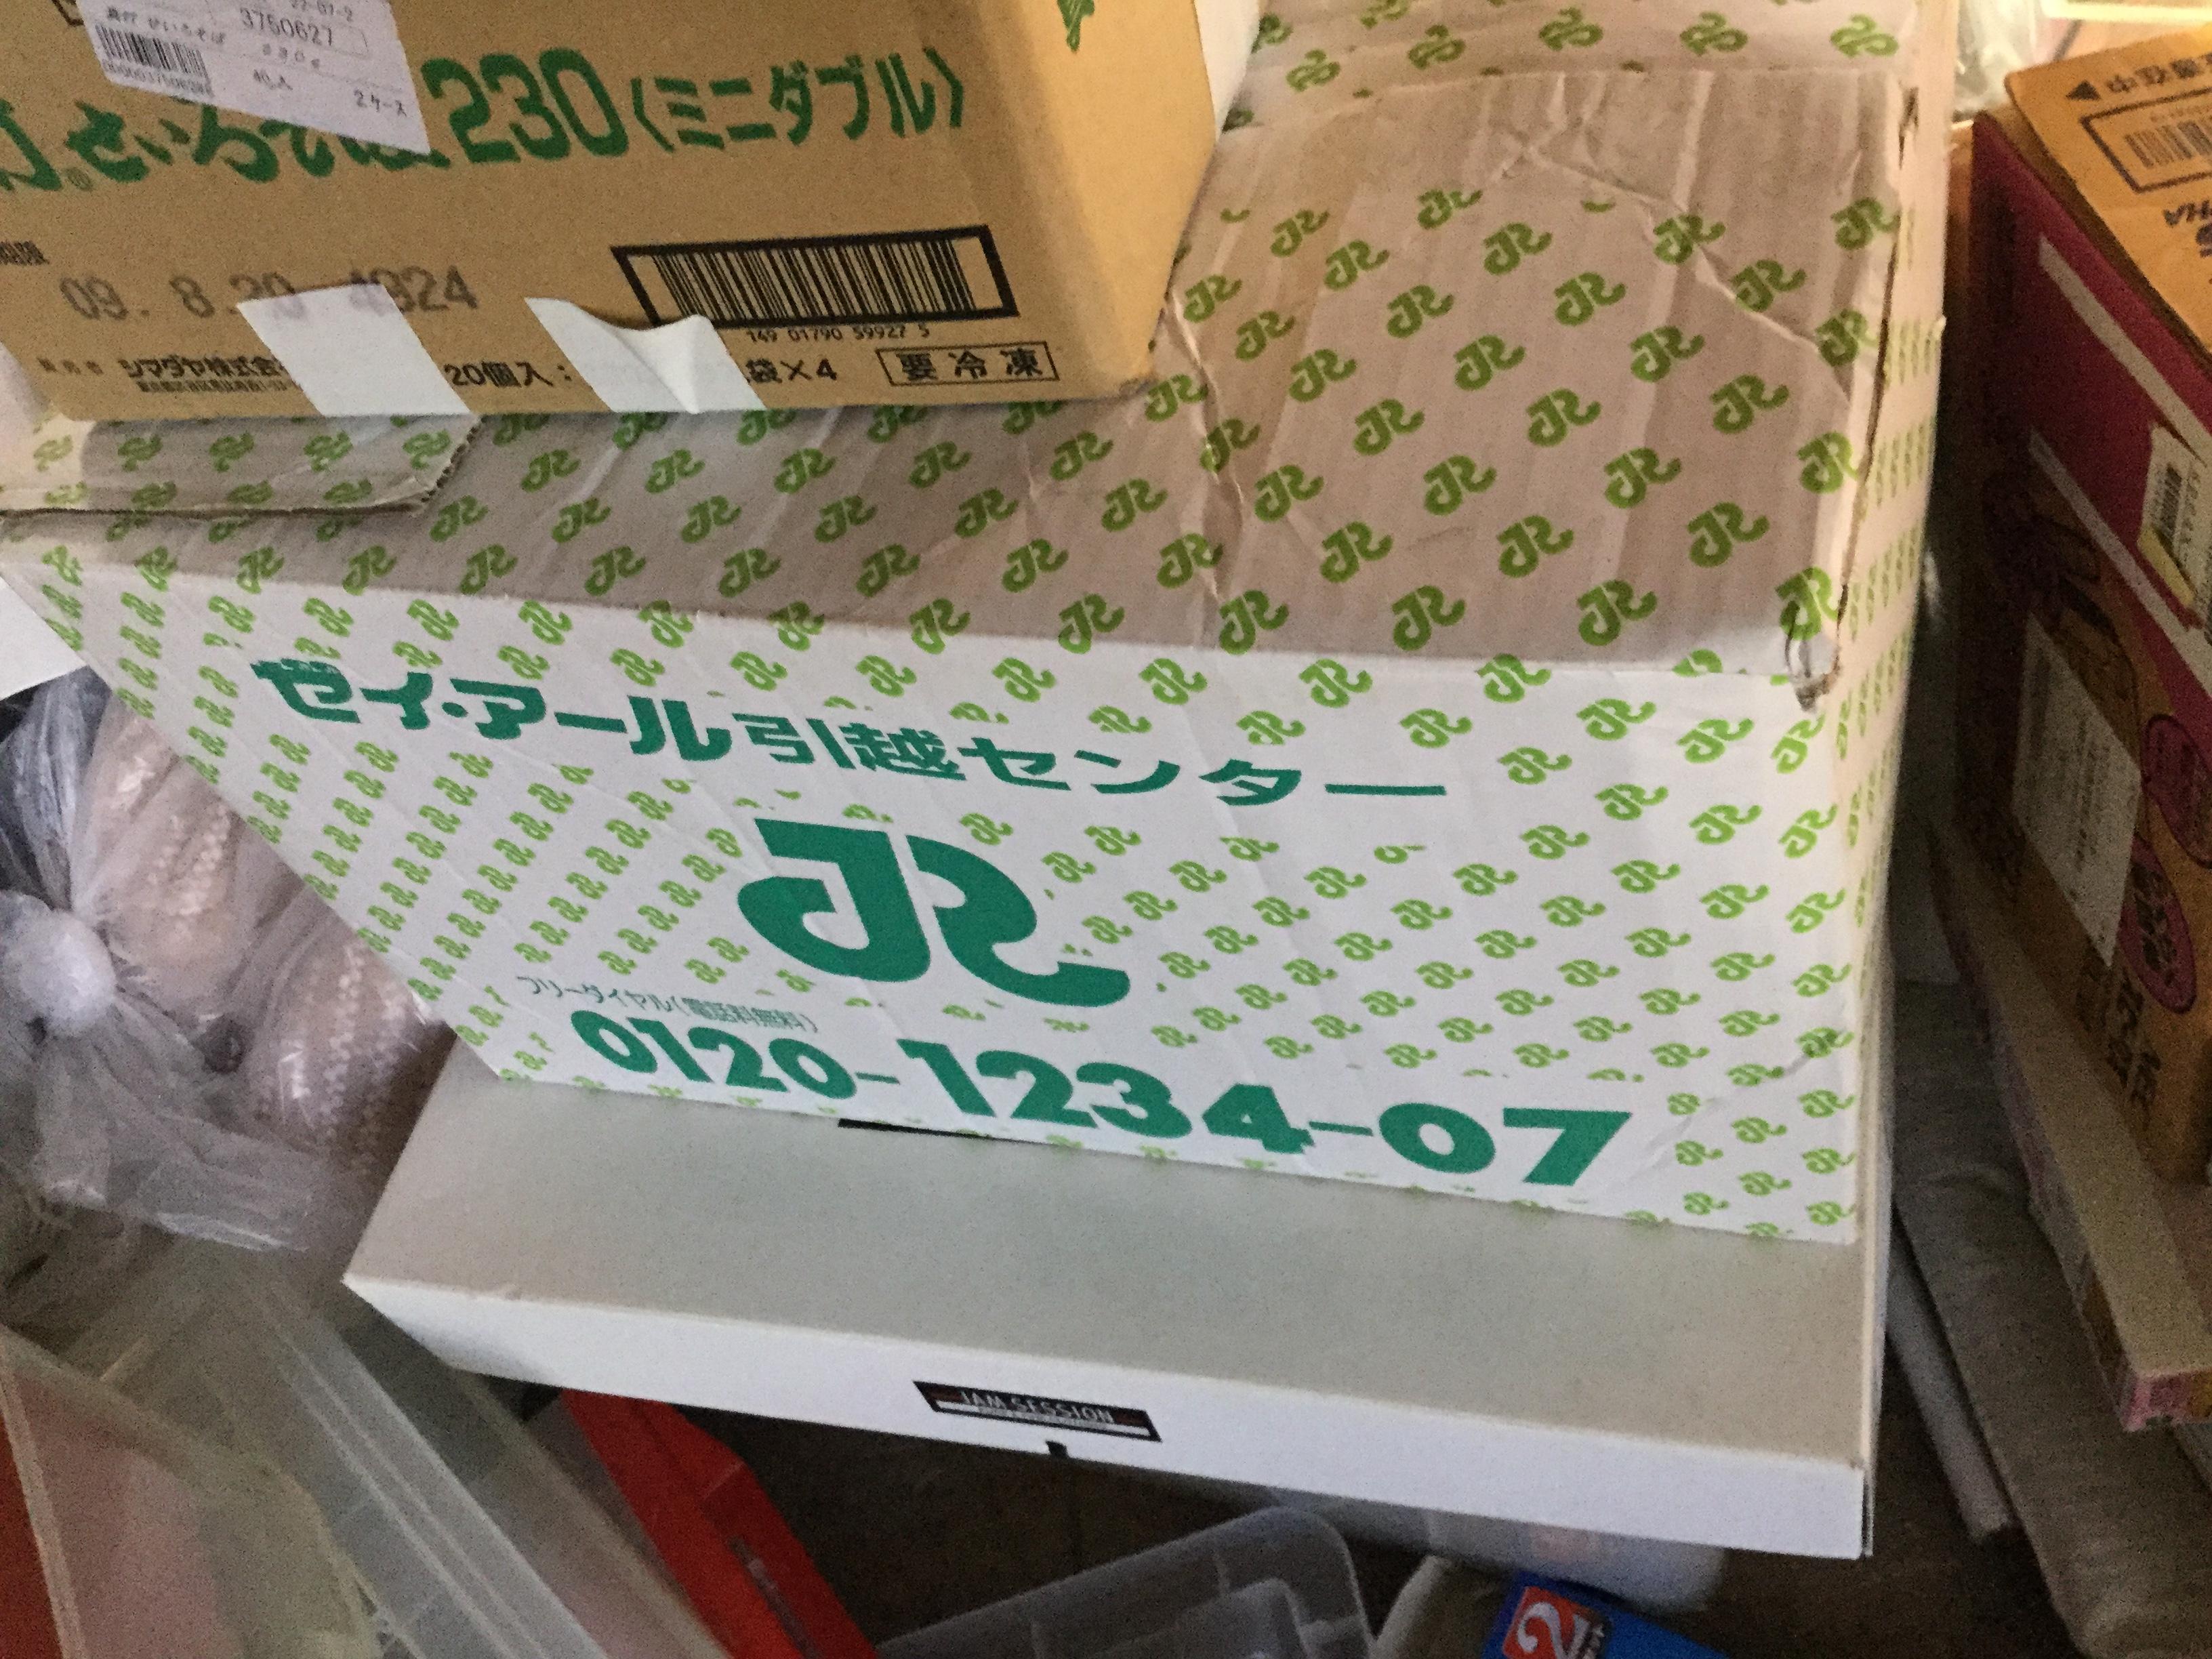 岡山県玉野市下山坂付近で回収した不用品の段ボール